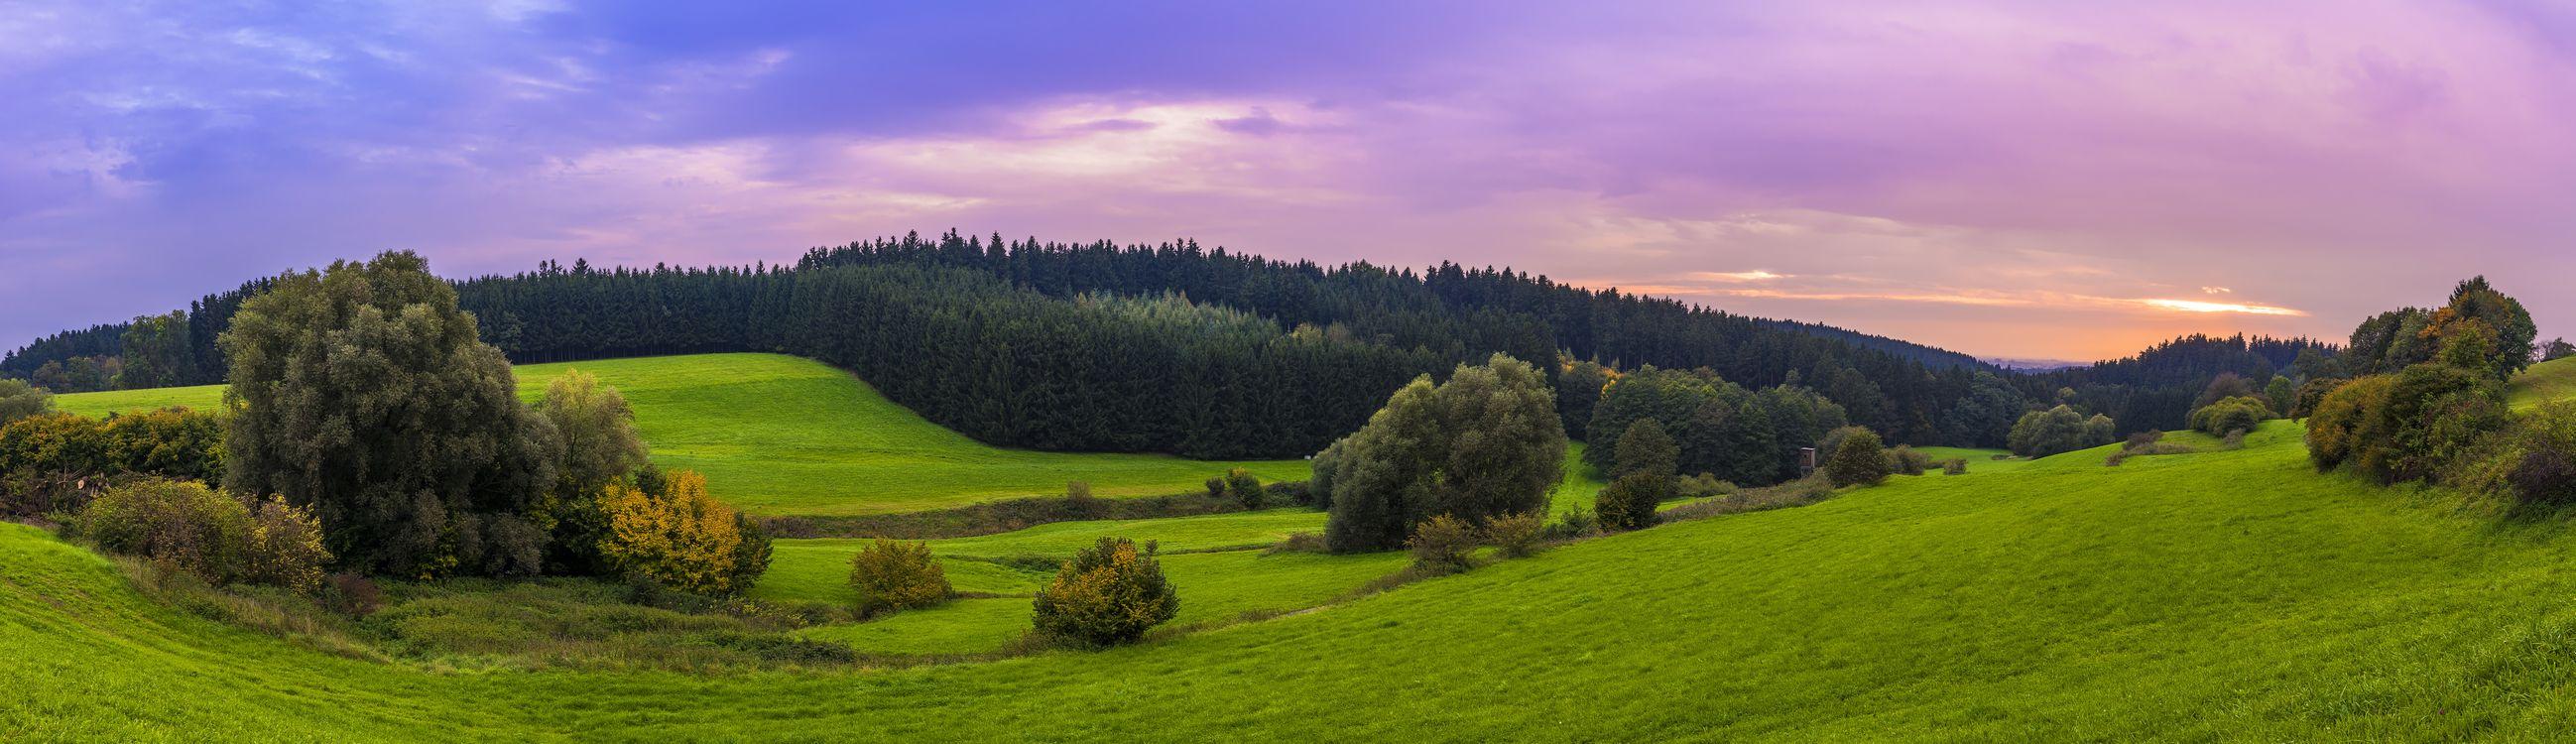 Фото бесплатно небо, пастбище, природа - на рабочий стол